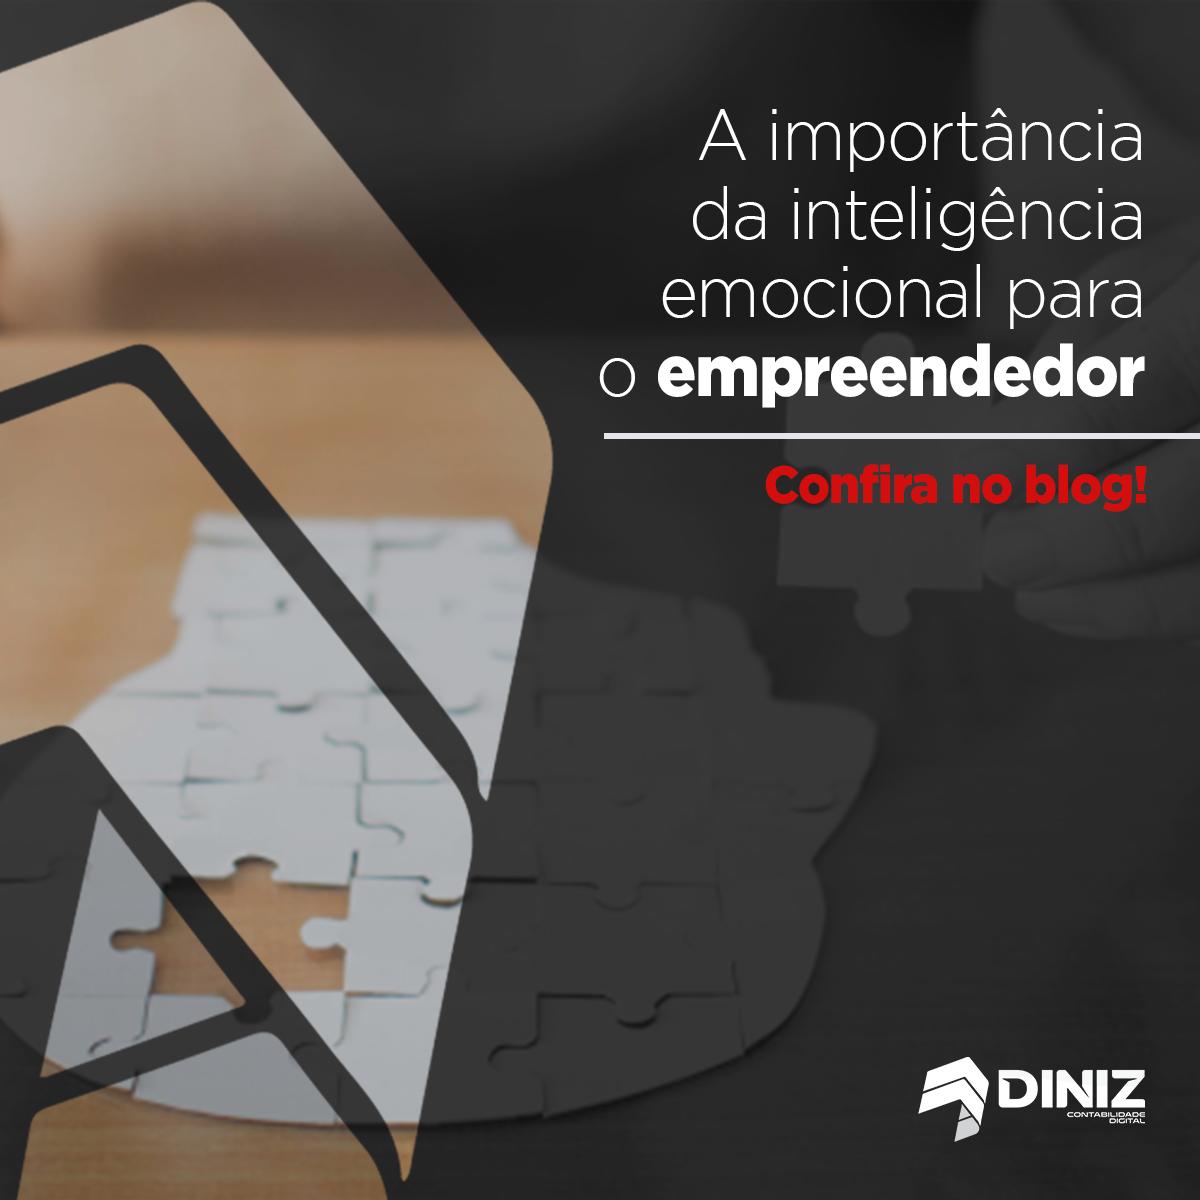 A importância da inteligência emocional para o empreendedor